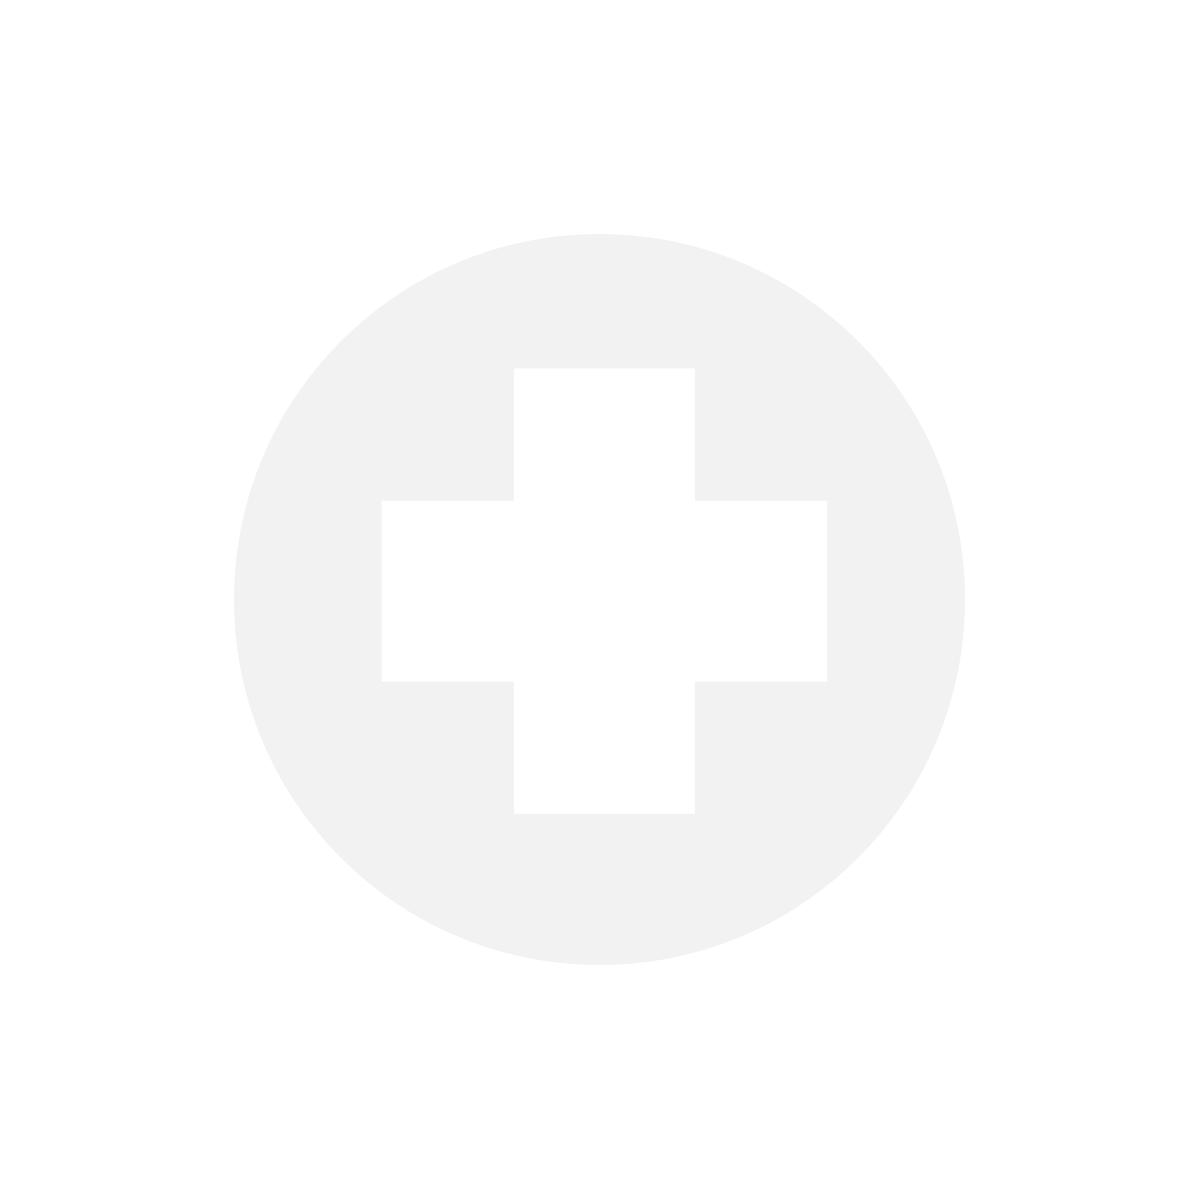 Sonic Vital XT Color - Tête bi-fréquence 4cm²